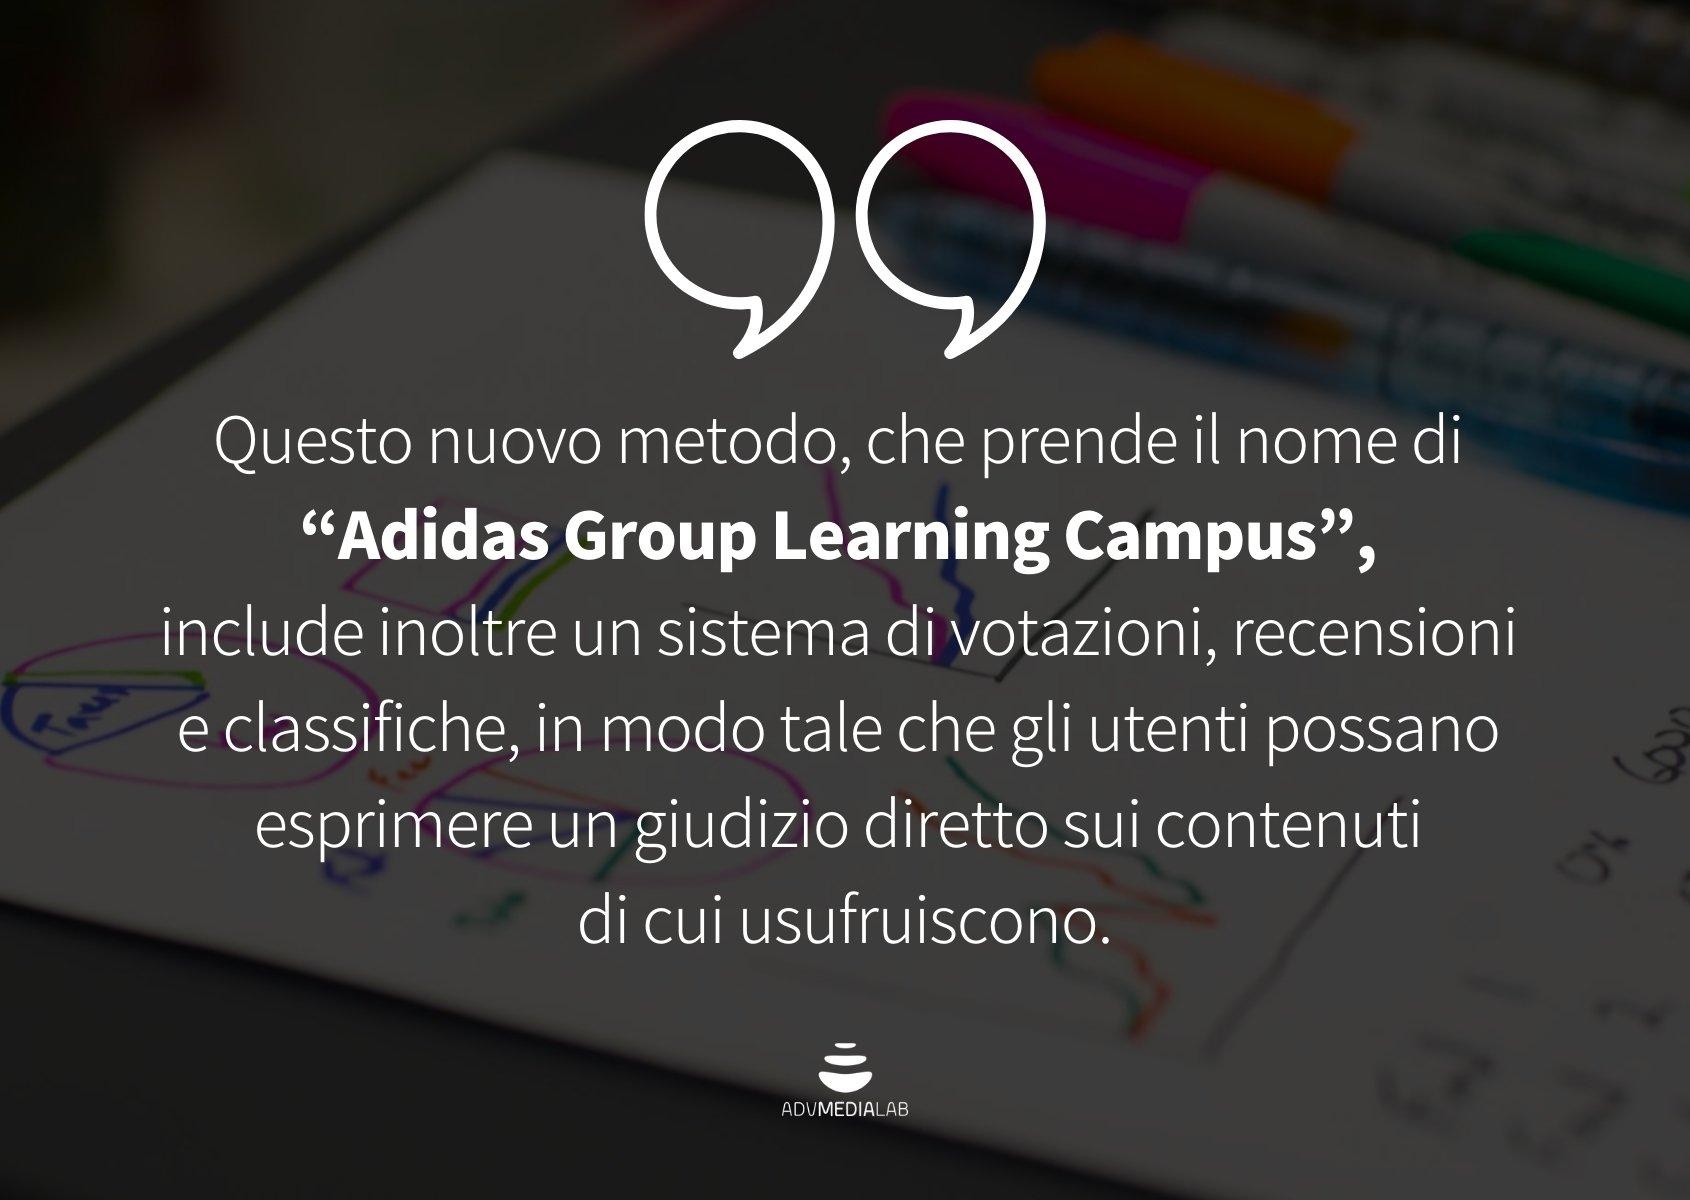 """Citazione: Questo nuovo metodo, che prende il nome di """"Adidas Group Learning Campus"""", include inoltre un sistema di votazioni, recensioni e classifiche, in modo tale che gli utenti possano esprimere un giudizio diretto sui contenuti di cui usufruiscono."""